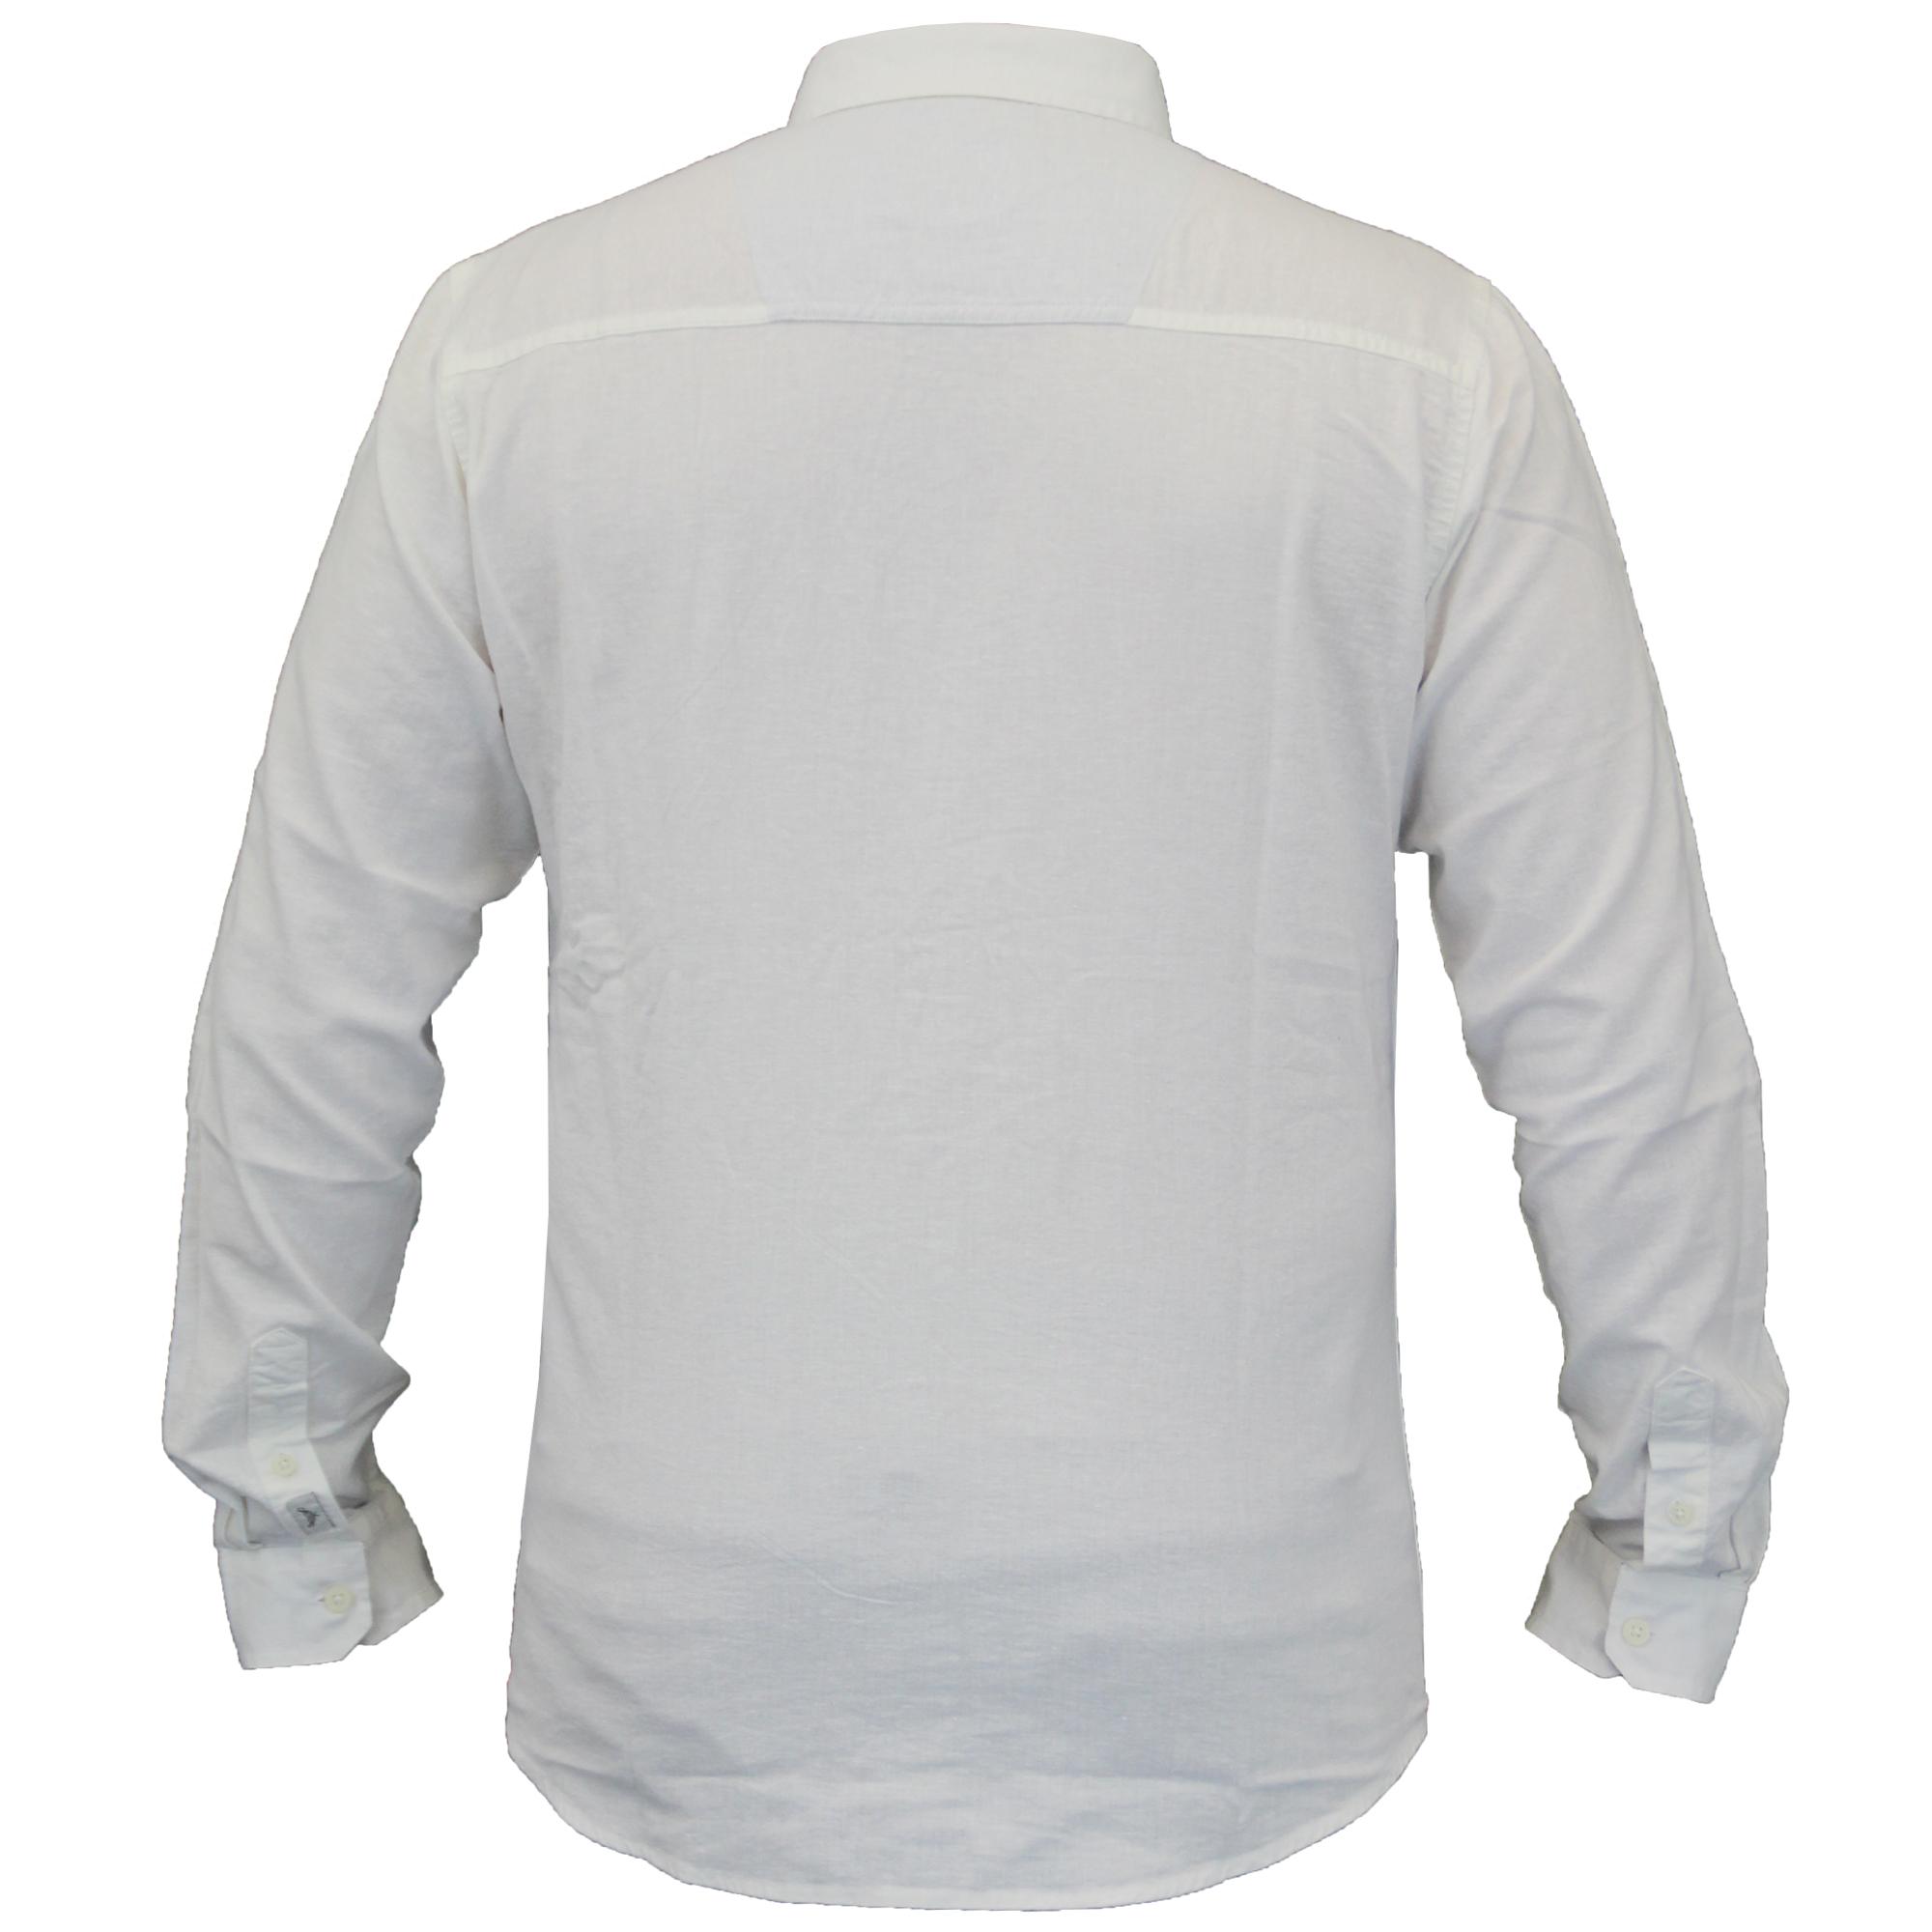 Para-hombres-camisa-de-manga-larga-con-cuello-desgastado-Lino-formales-de-trabajo-informal-de-verano miniatura 9